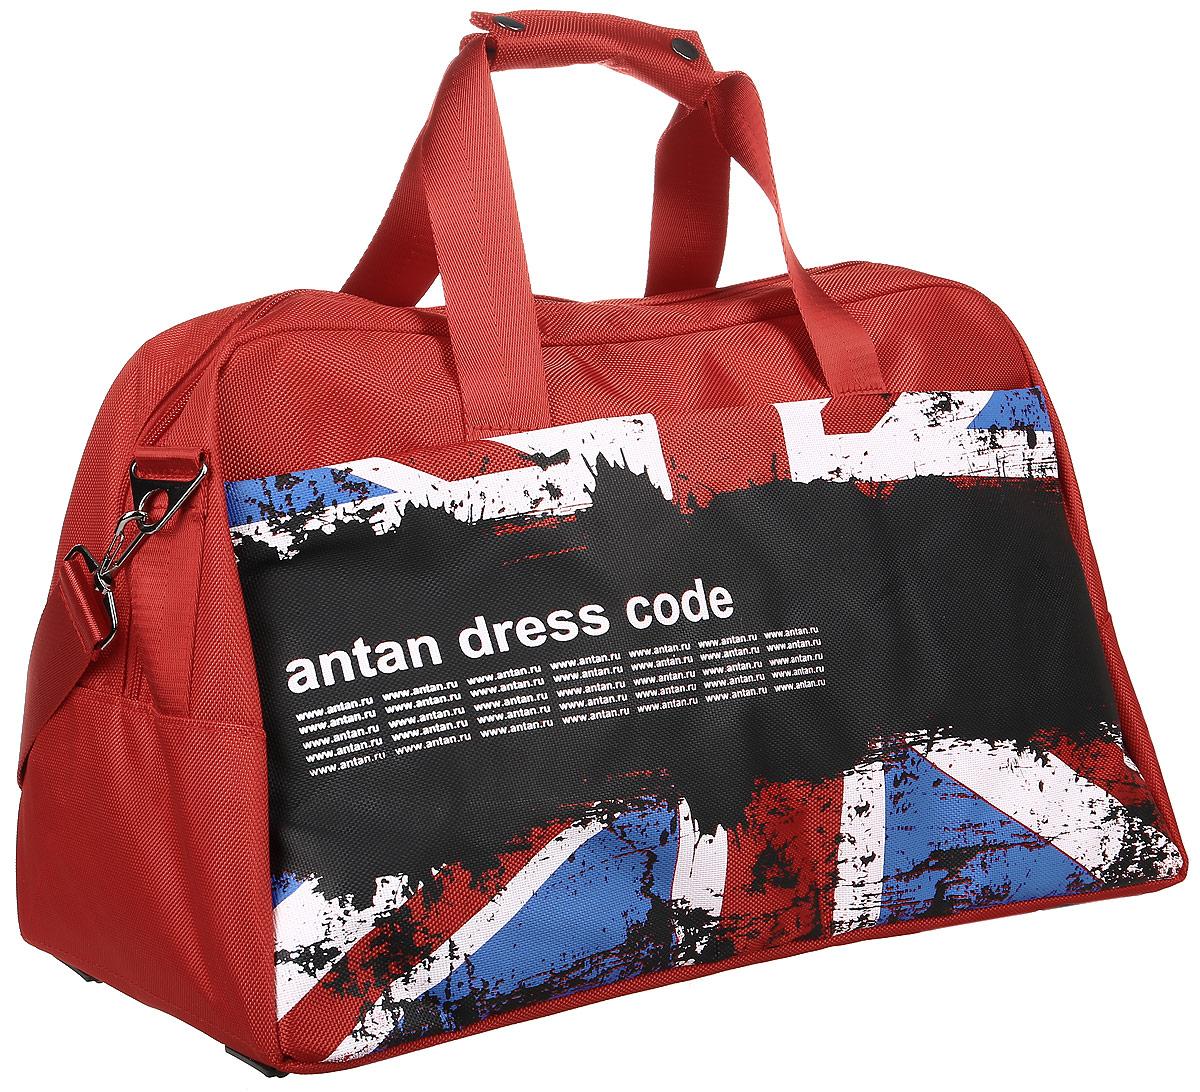 Сумка дорожная Аntan, цвет: красный. 462001074877669022Вместительная дорожная сумка Аntan выполнена из текстиля. Изделие имеет одно отделение, которое закрывается на застежку-молнию. Внутри модель дополнена двумя сетчатыми карманами. Снаружи, на передней стенке расположен карман на застежке-молнии. Сумка дополнена двумя удобными ручками. В комплект входит съемный регулируемый плечевой ремень. Основание изделия защищено от повреждений пластиковыми ножками.